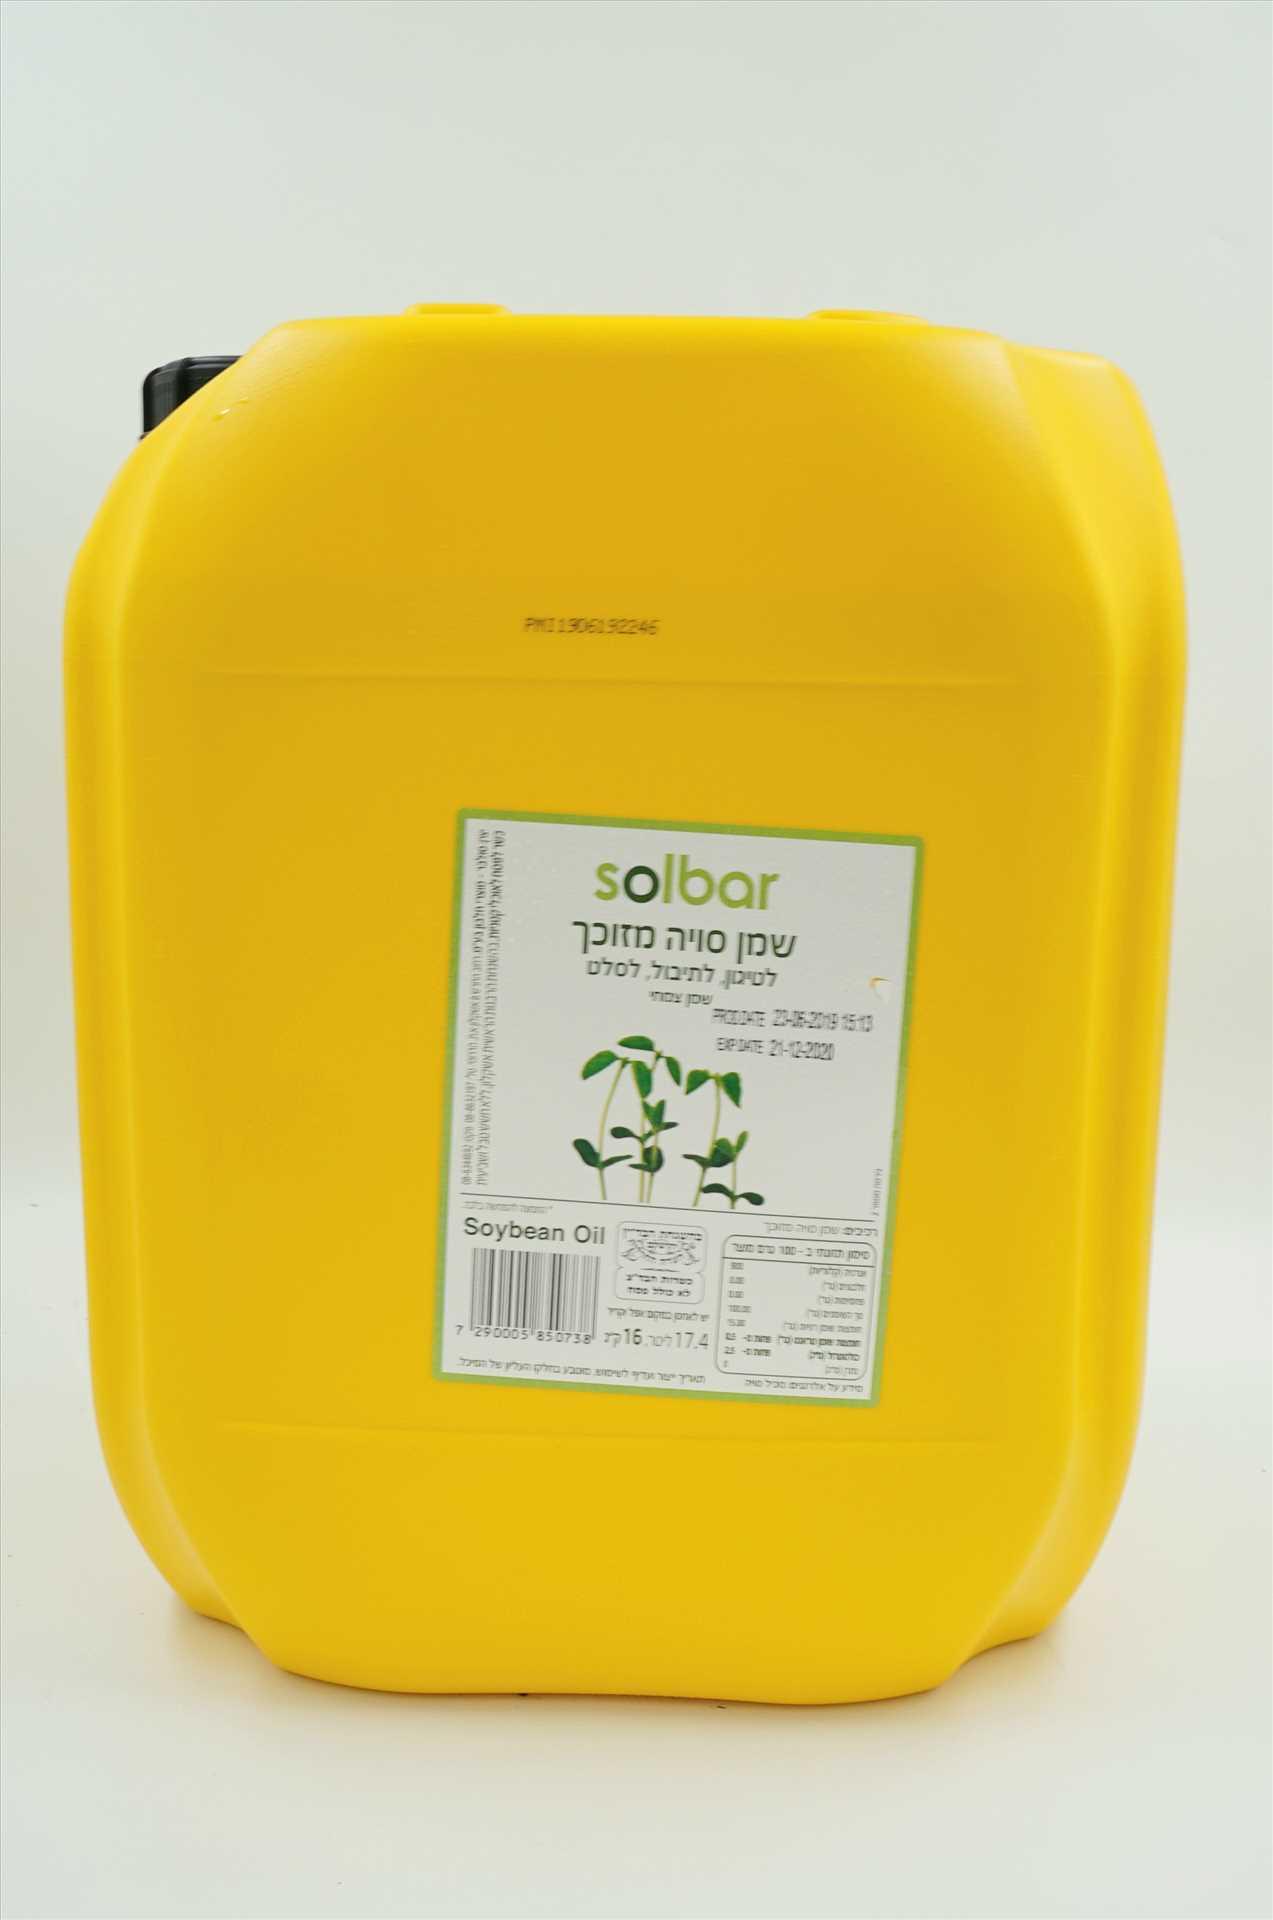 שמן סויה 17.4 ליטר בפלסטיק סולבר